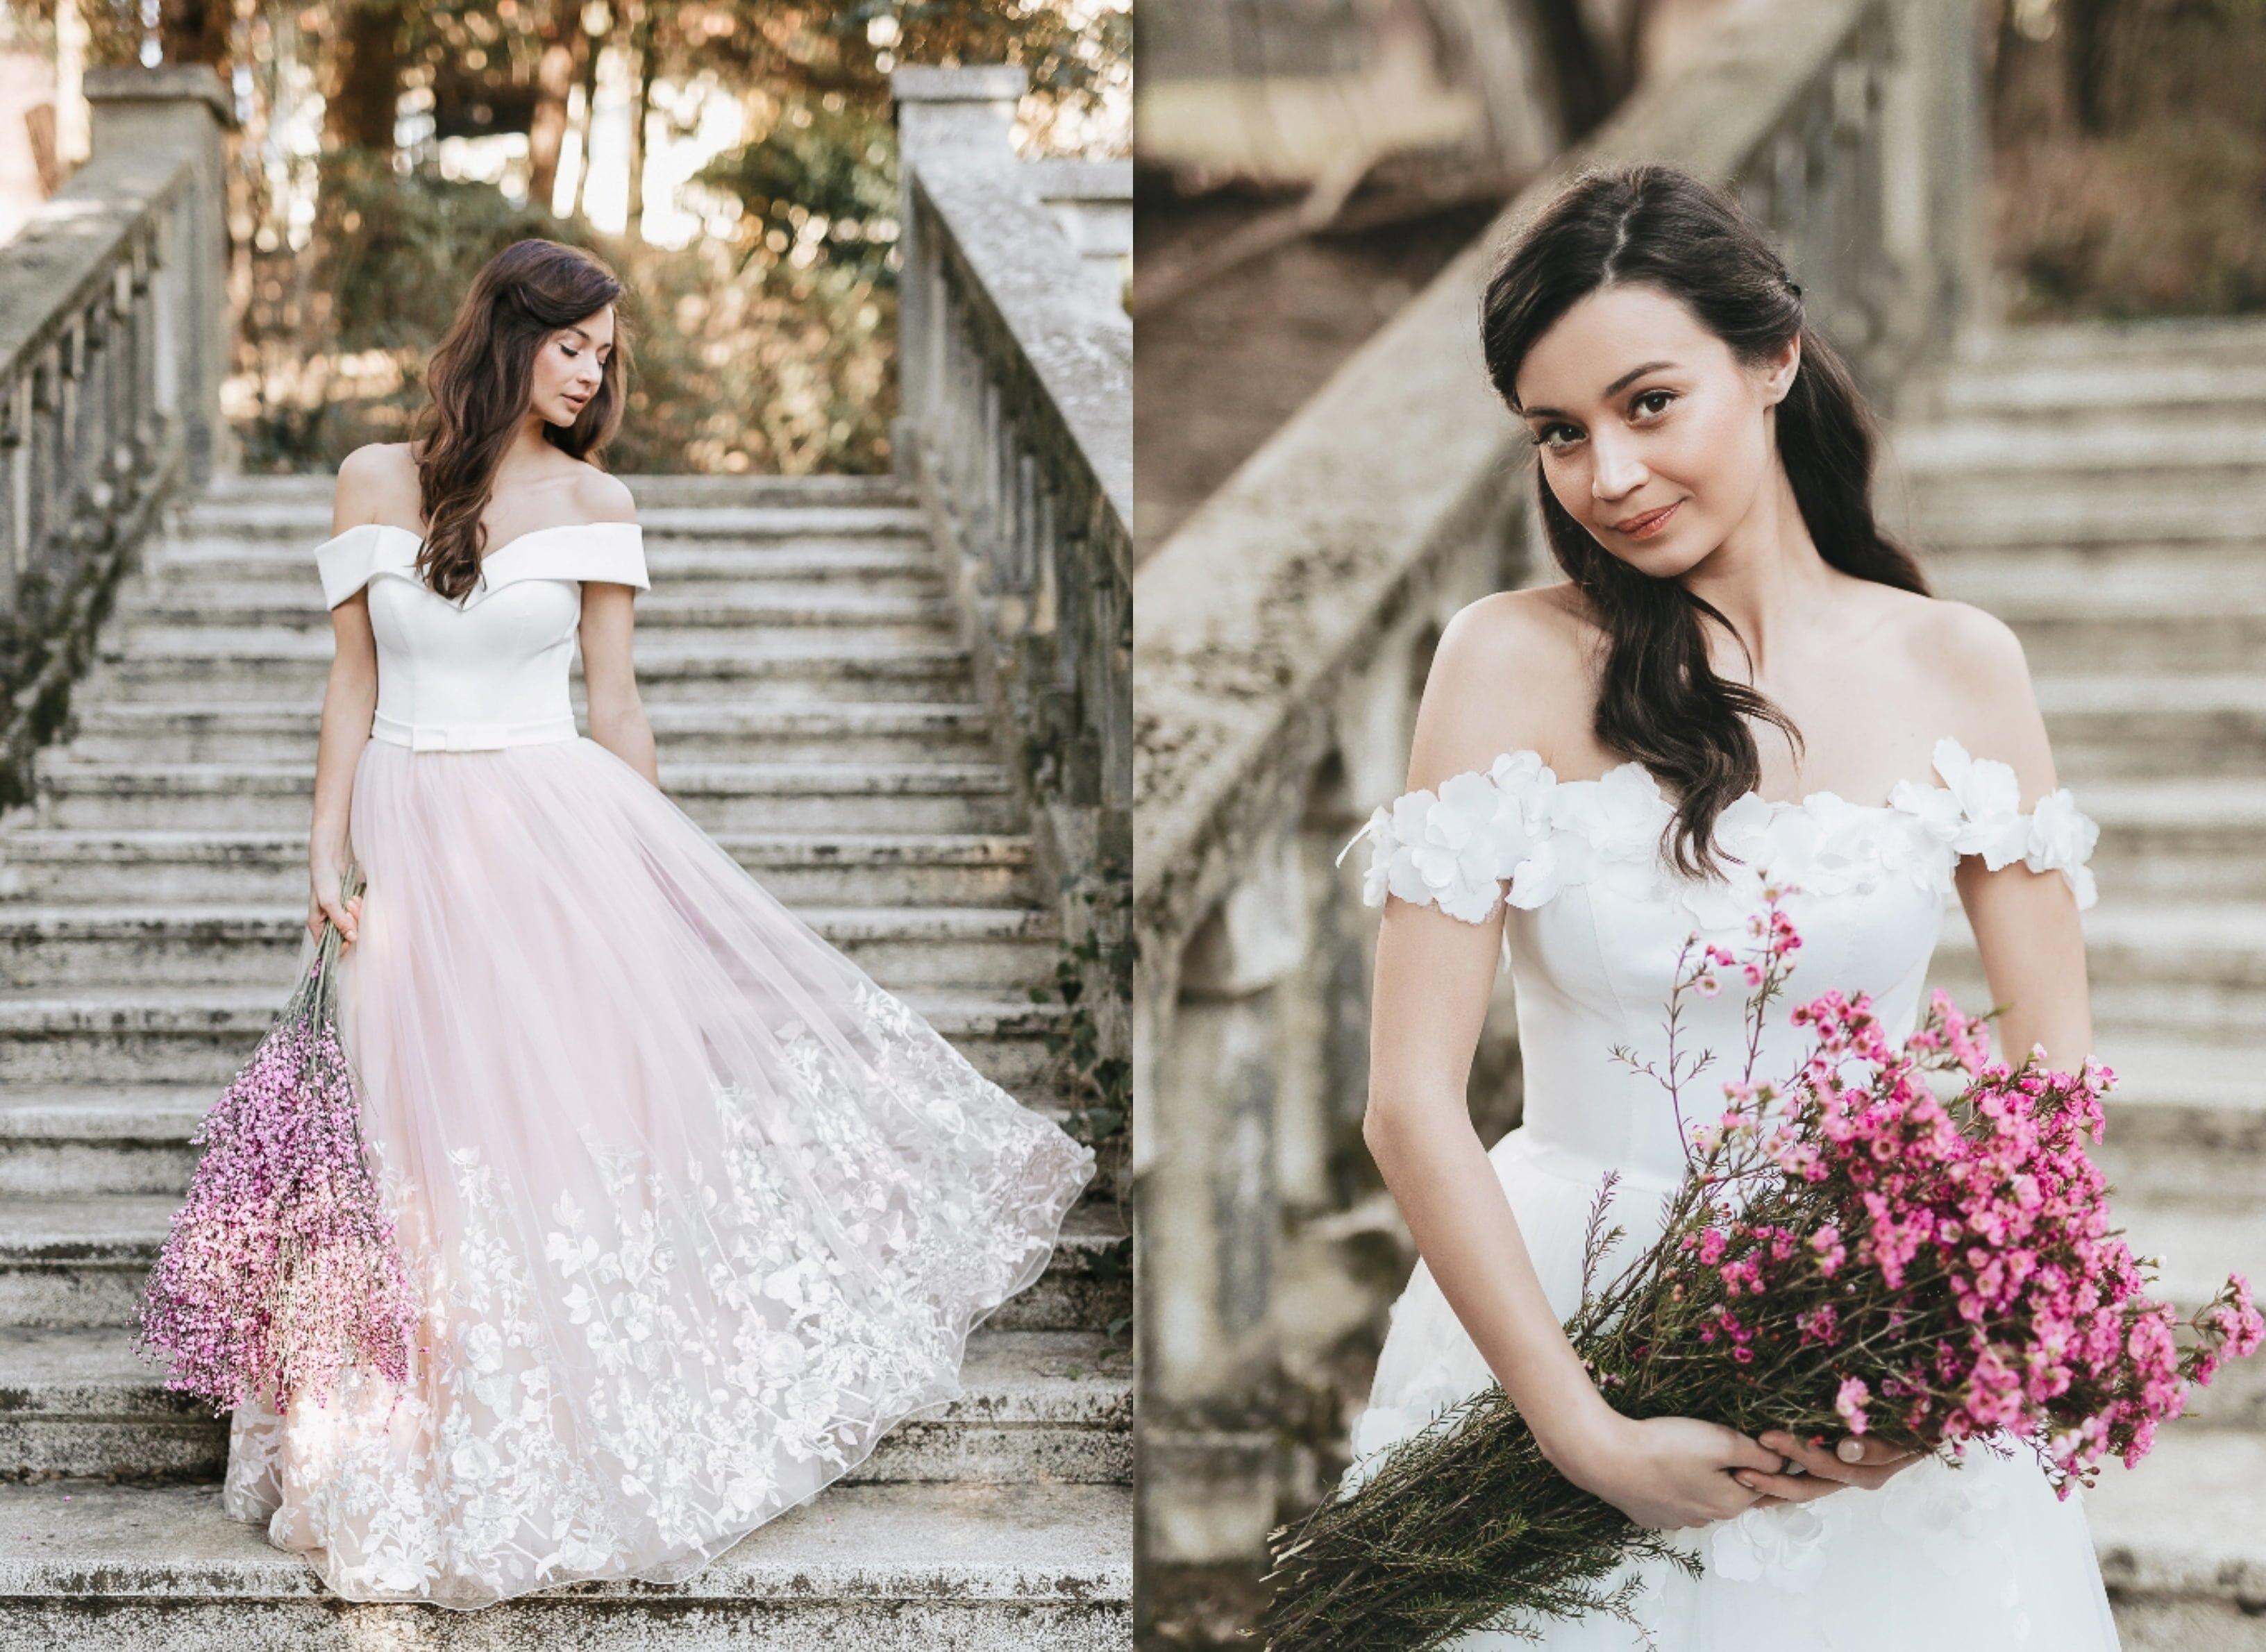 Sandra Haddad predstavila novu sanjivu kolekciju vjenčanica